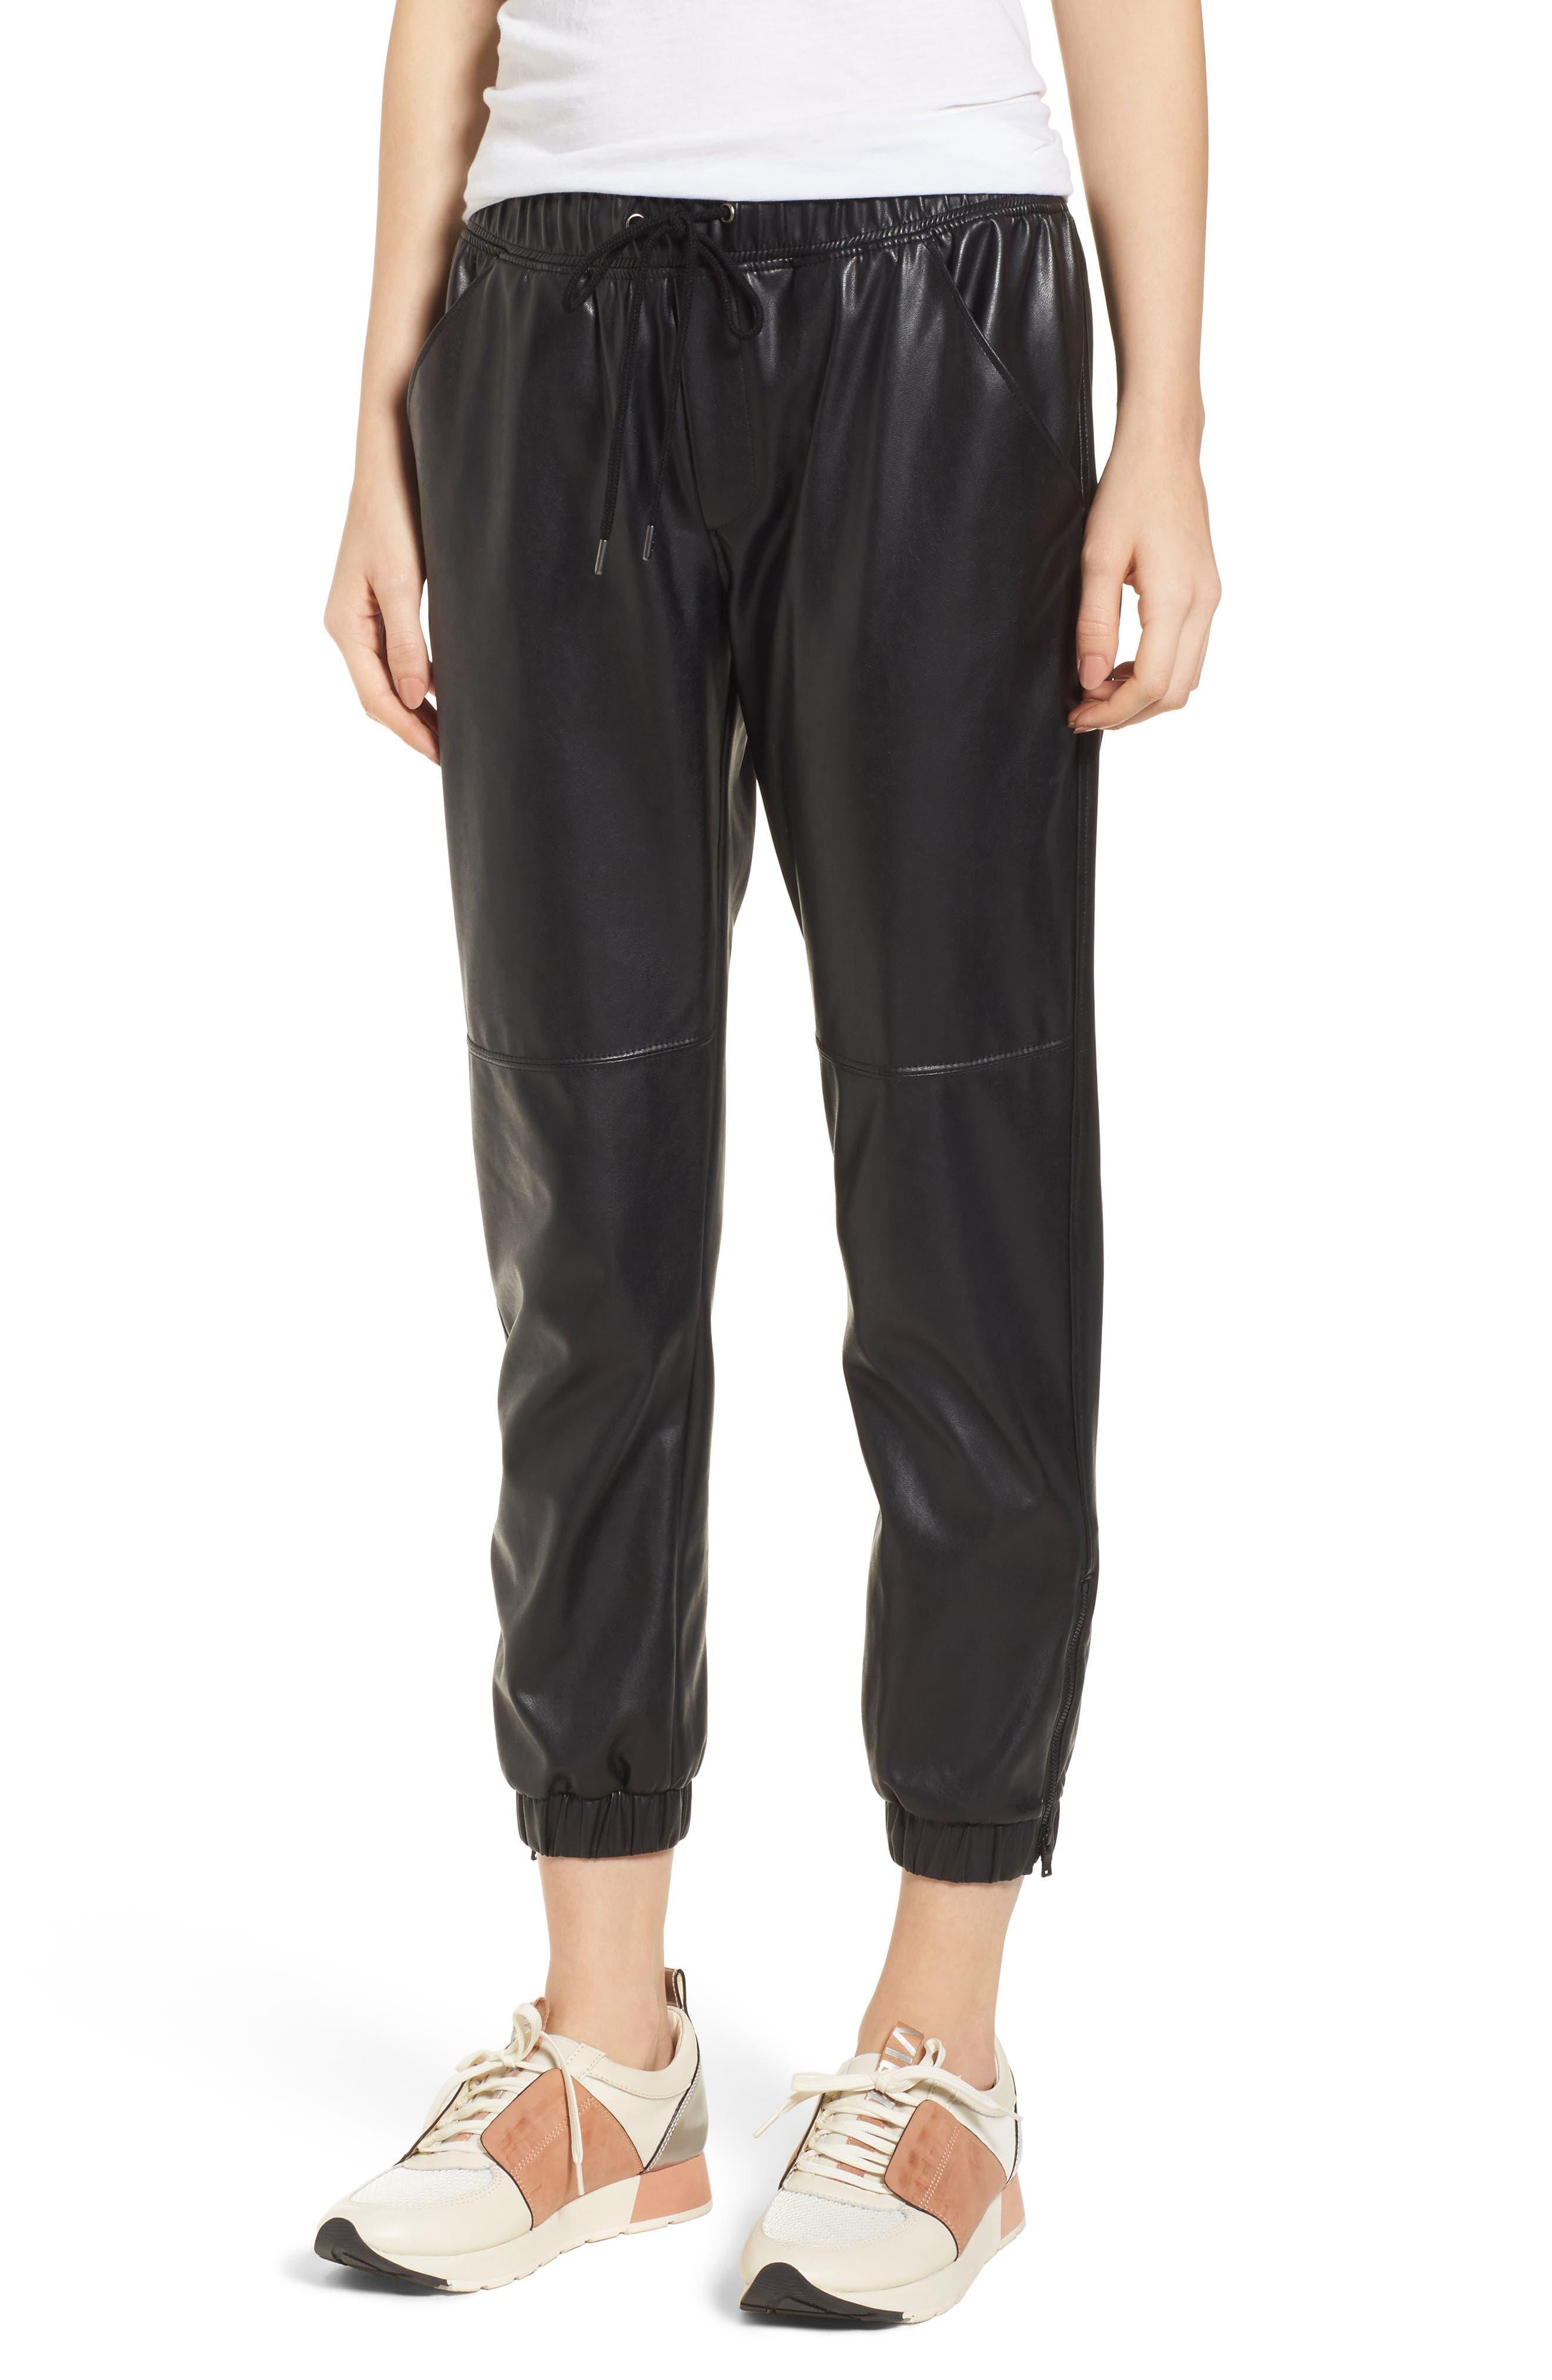 Ankle Zip Jogger Pants,                         Main,                         color, Black